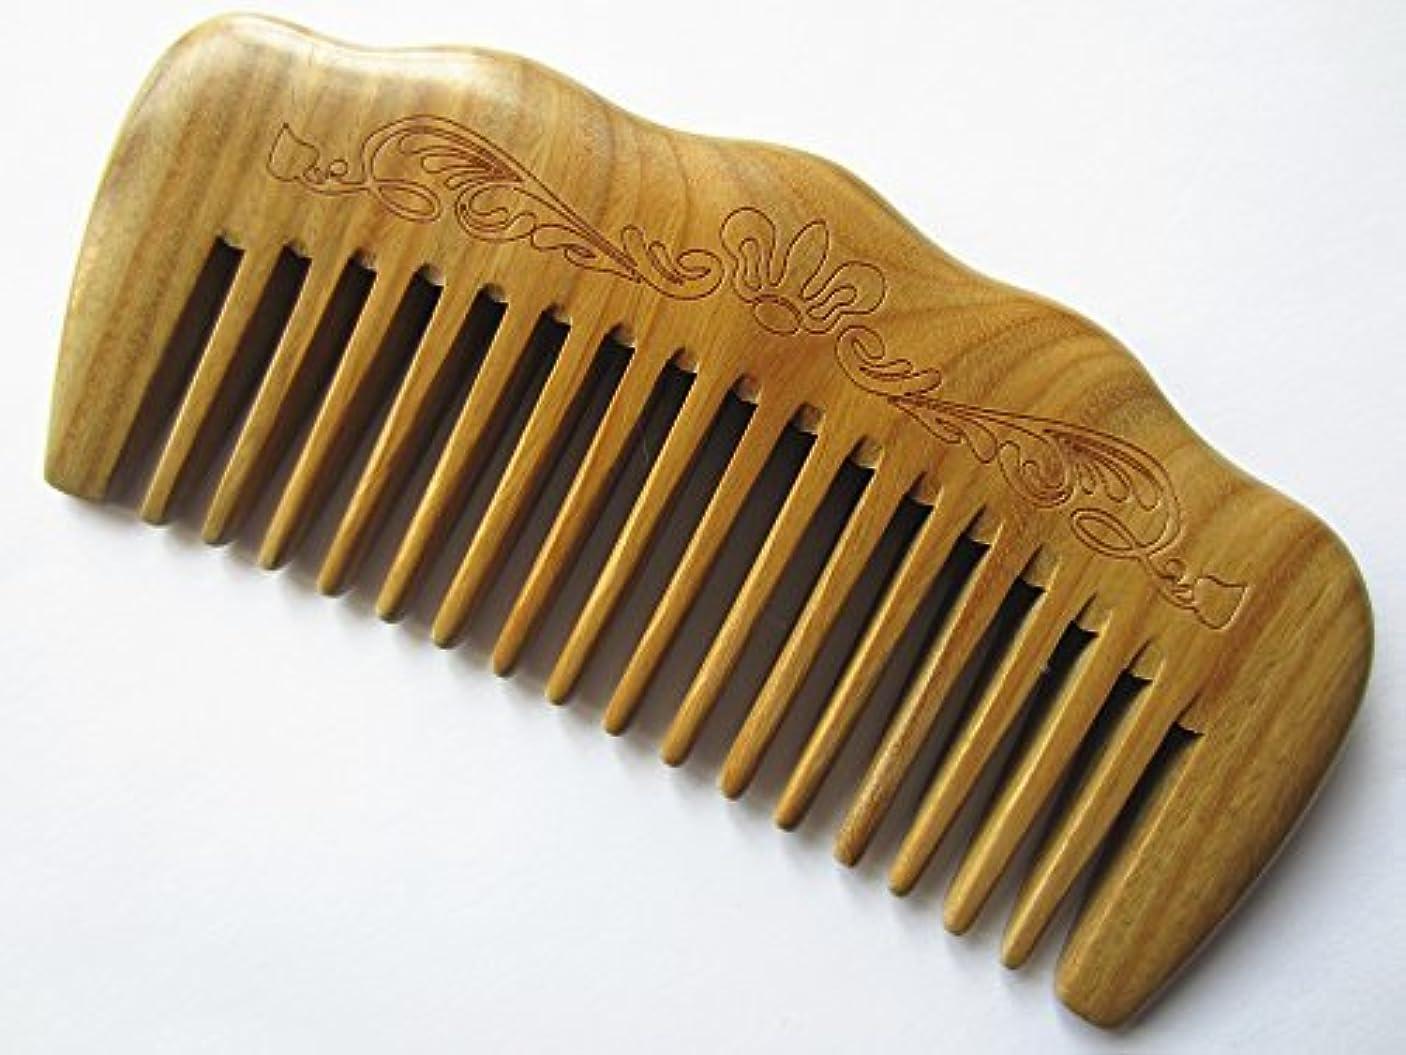 背骨バイパス代わりにを立てるMyhsmooth Gs-by-mt Wide Tooth Wood Handmade Natural Green Sandalwood No Static Comb with Aromatic Scent for Detangling...